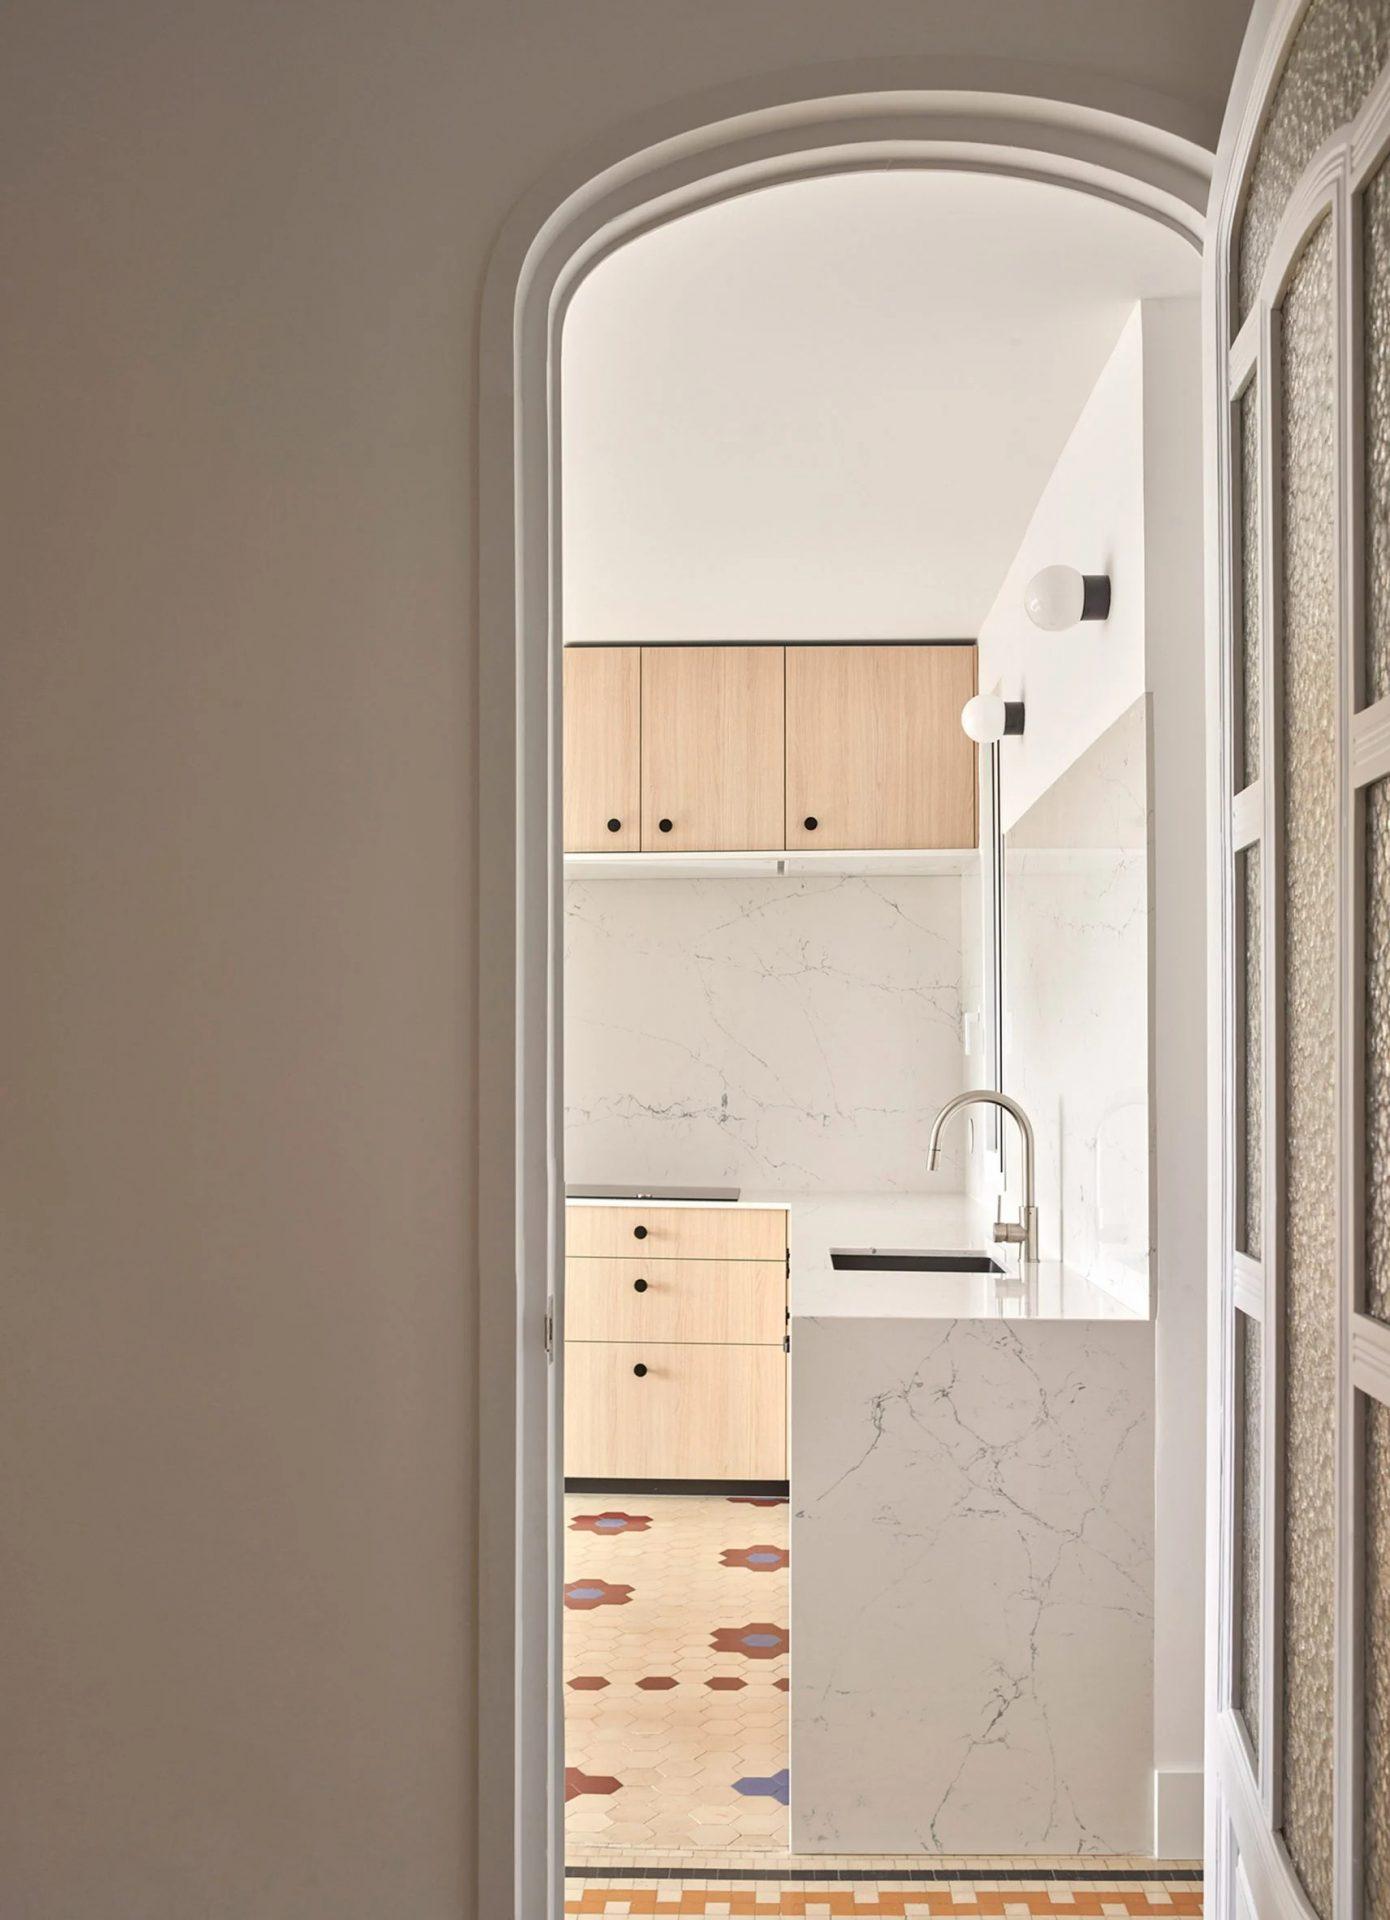 dg-arquitecto_designalive-12